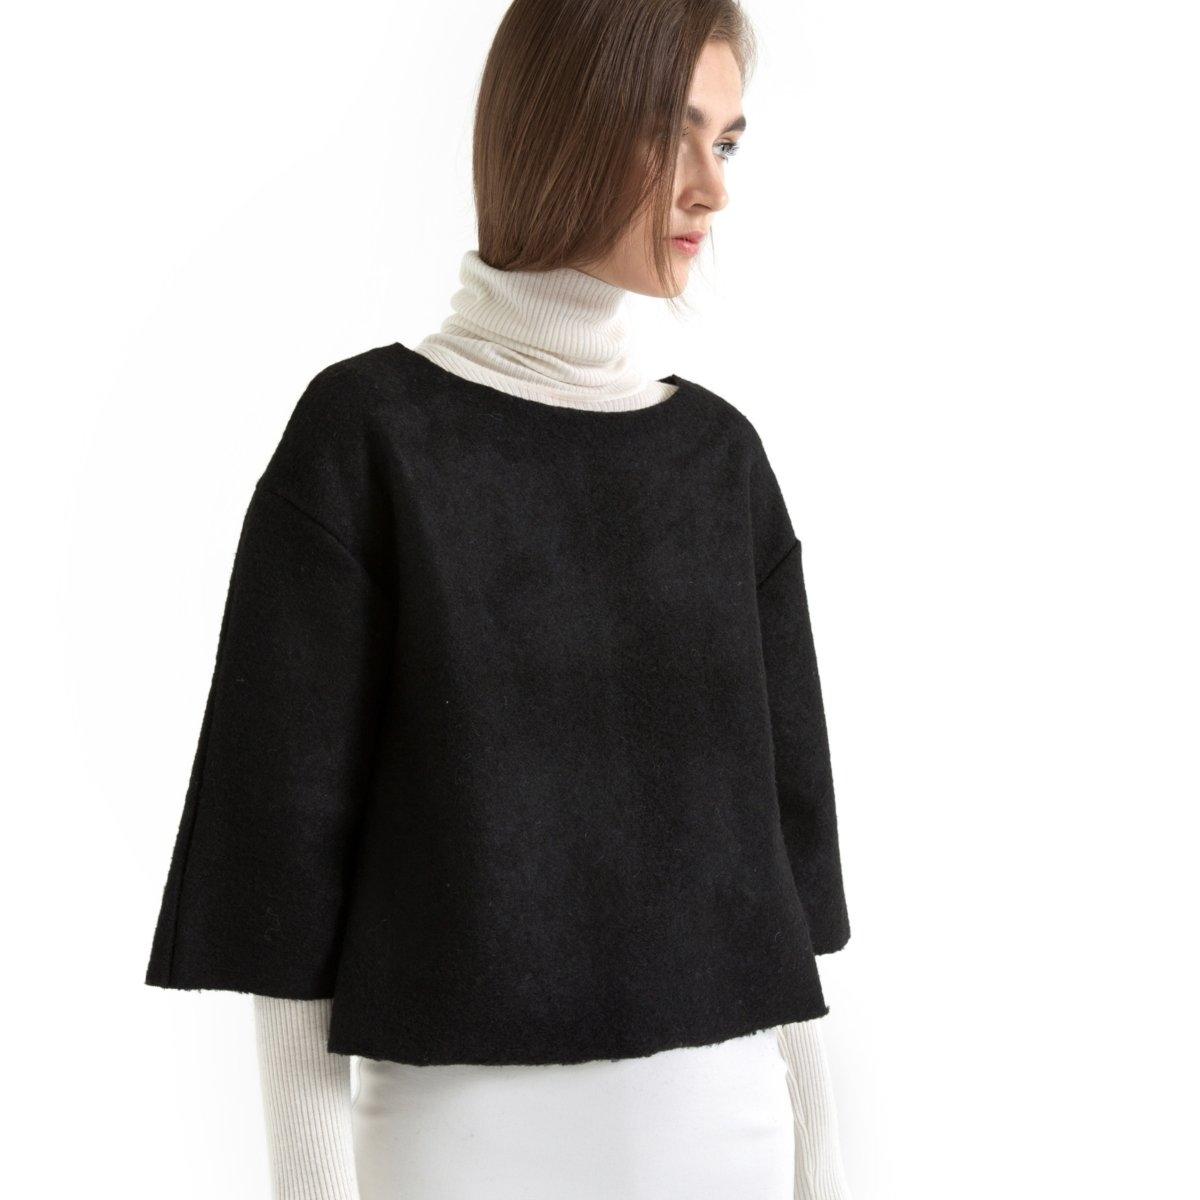 Пуловер короткий, 30% шерстиПуловер короткий: 70% полиэстер, 30% шерсть. Длина: 56 см.<br><br>Цвет: черный<br>Размер: 38/40 (FR) - 44/46 (RUS).42/44 (FR) - 48/50 (RUS)